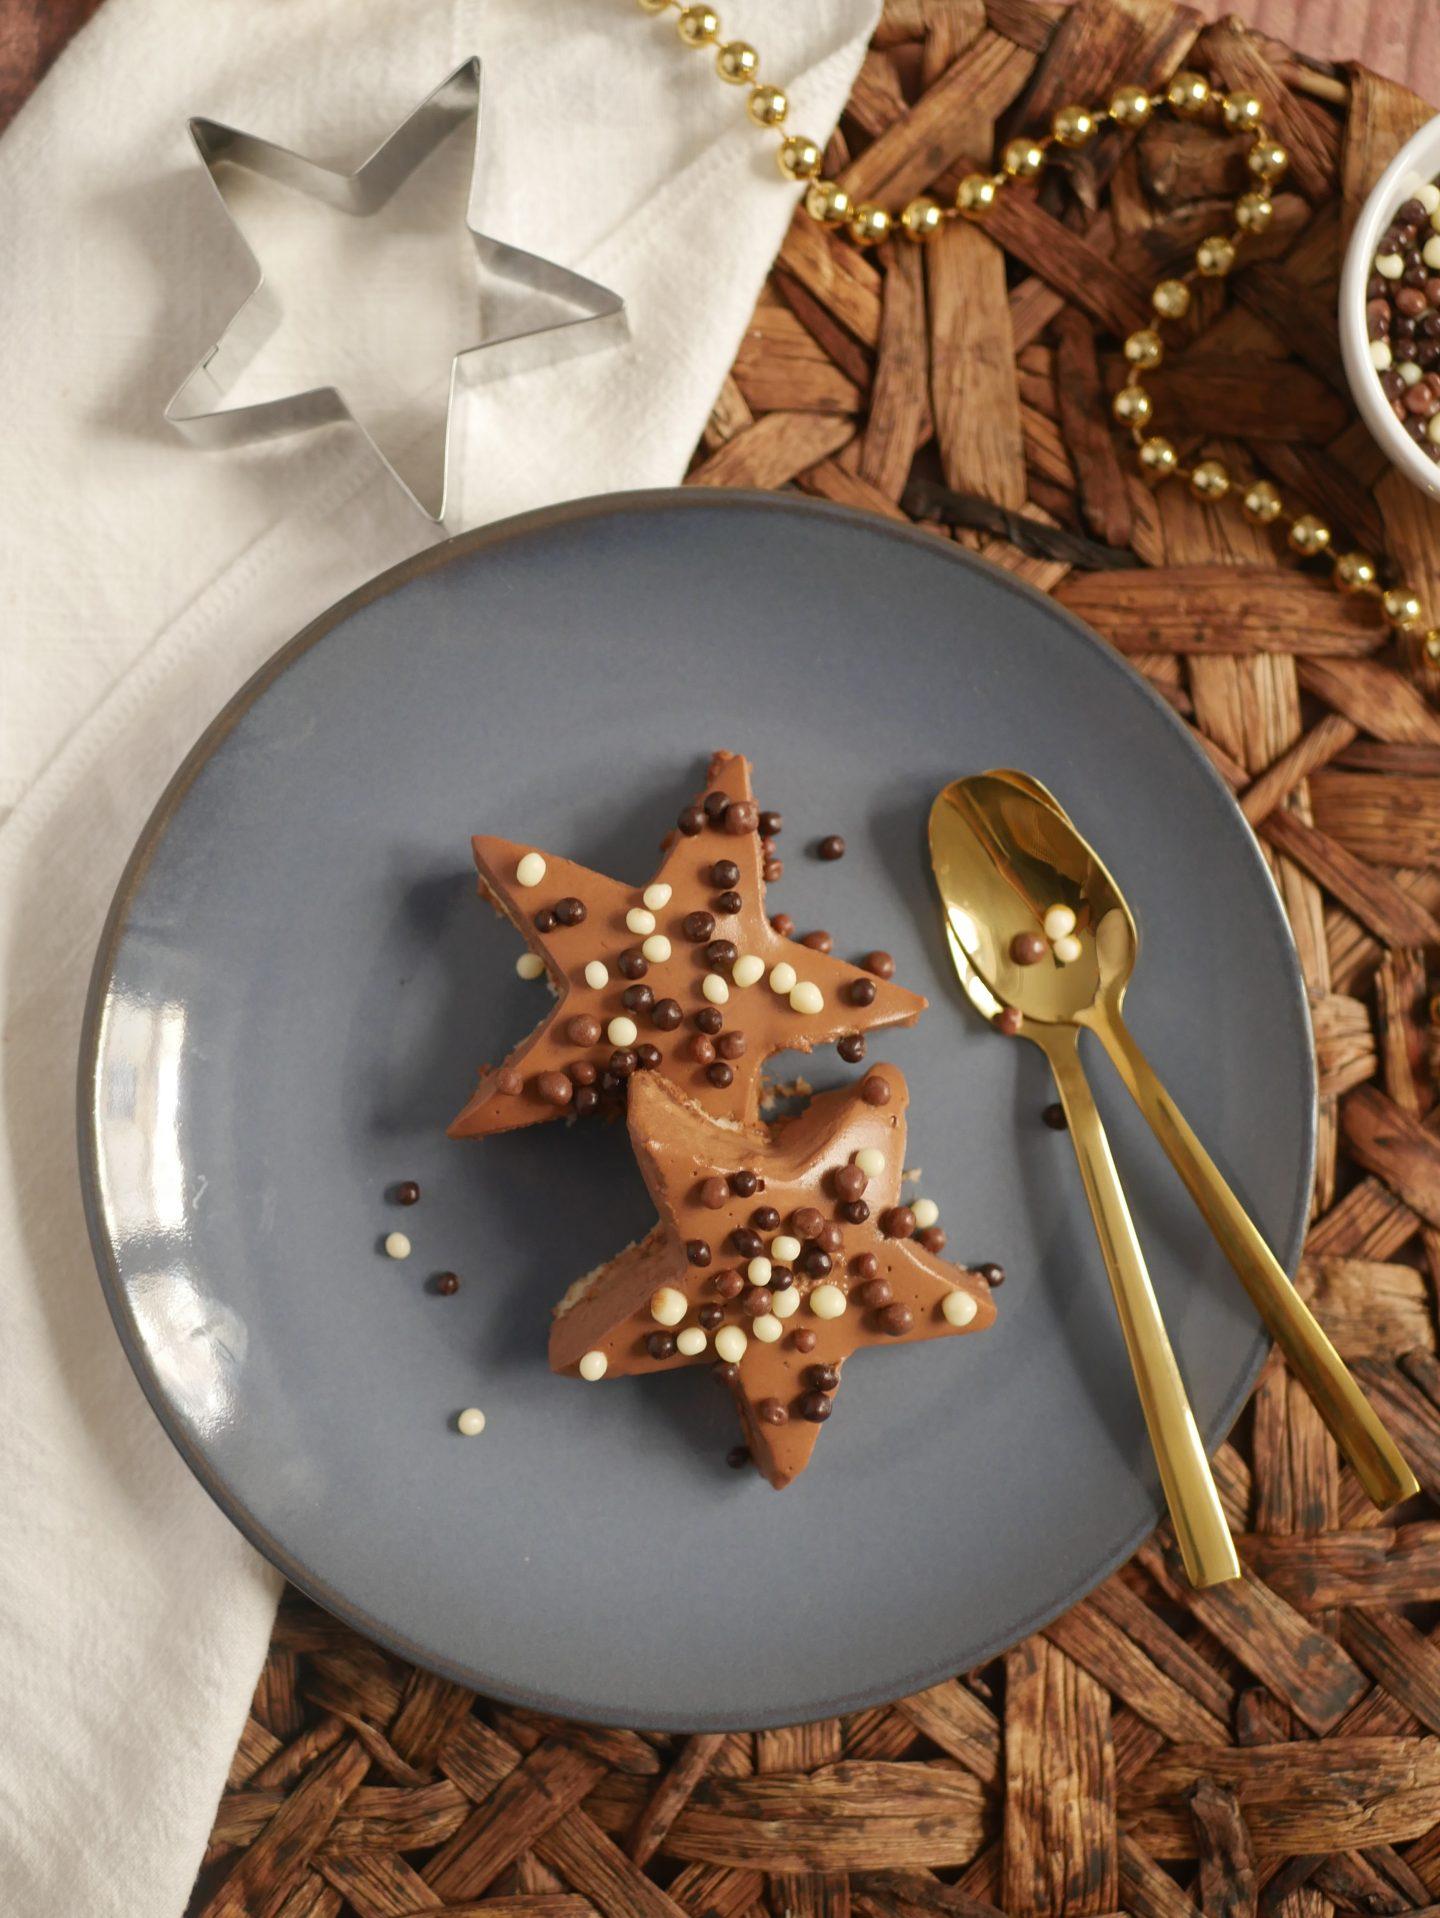 Recette Royal au chocolat étoile